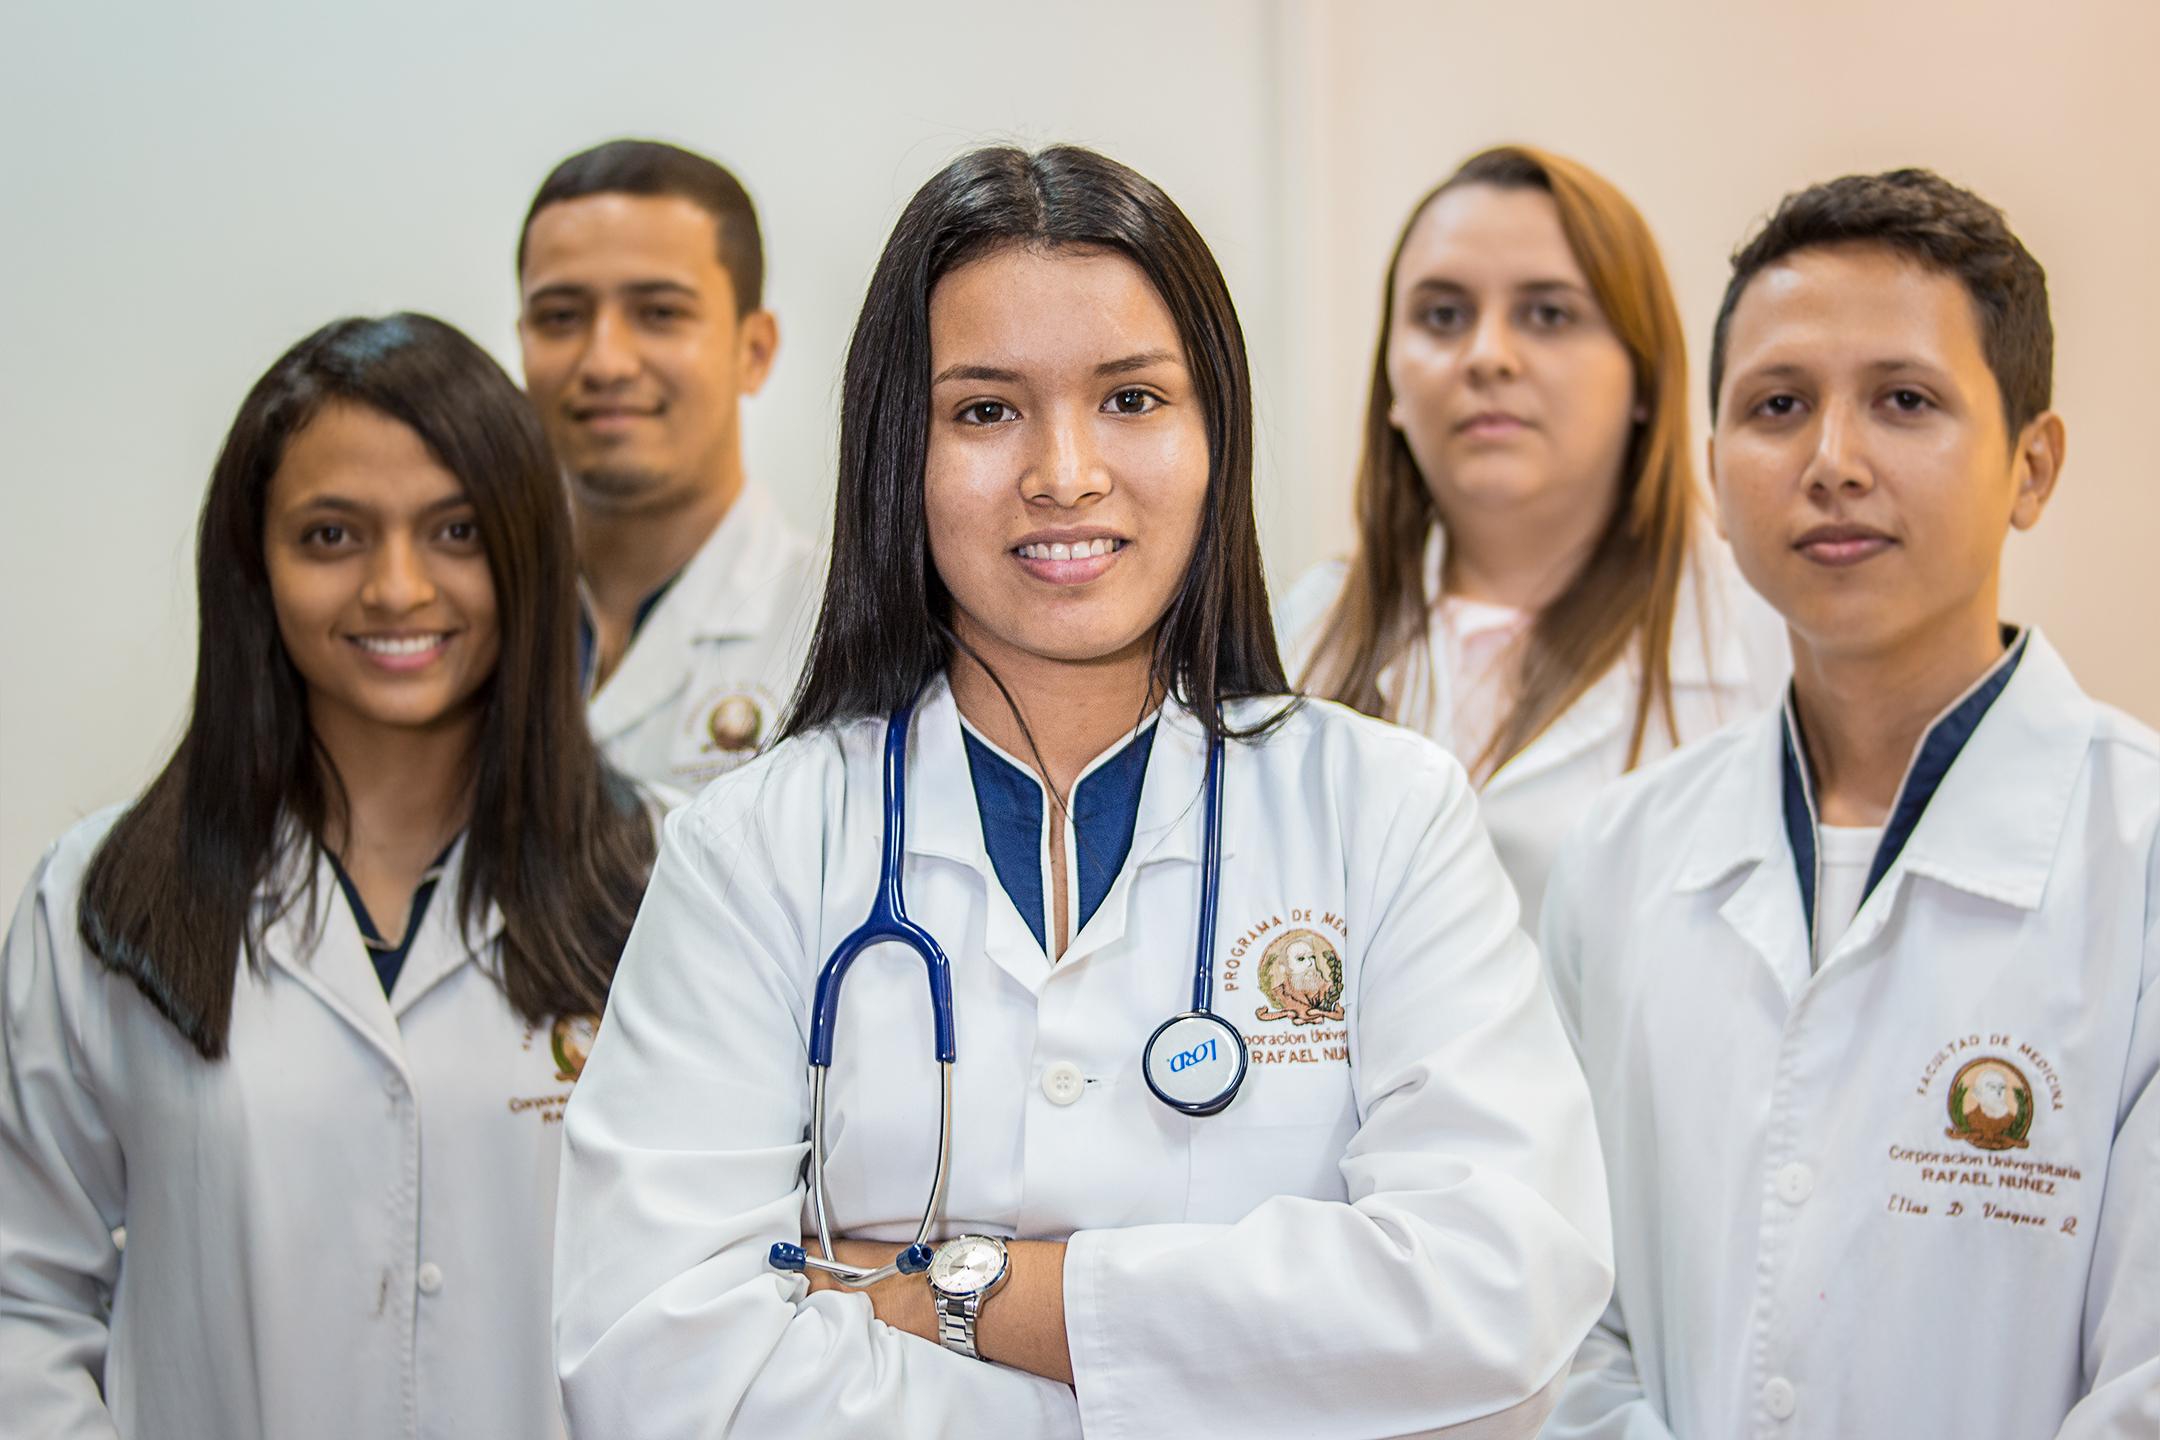 Conoce la lista de los primeros 40 admitidos al programa de Medicina 2019-02